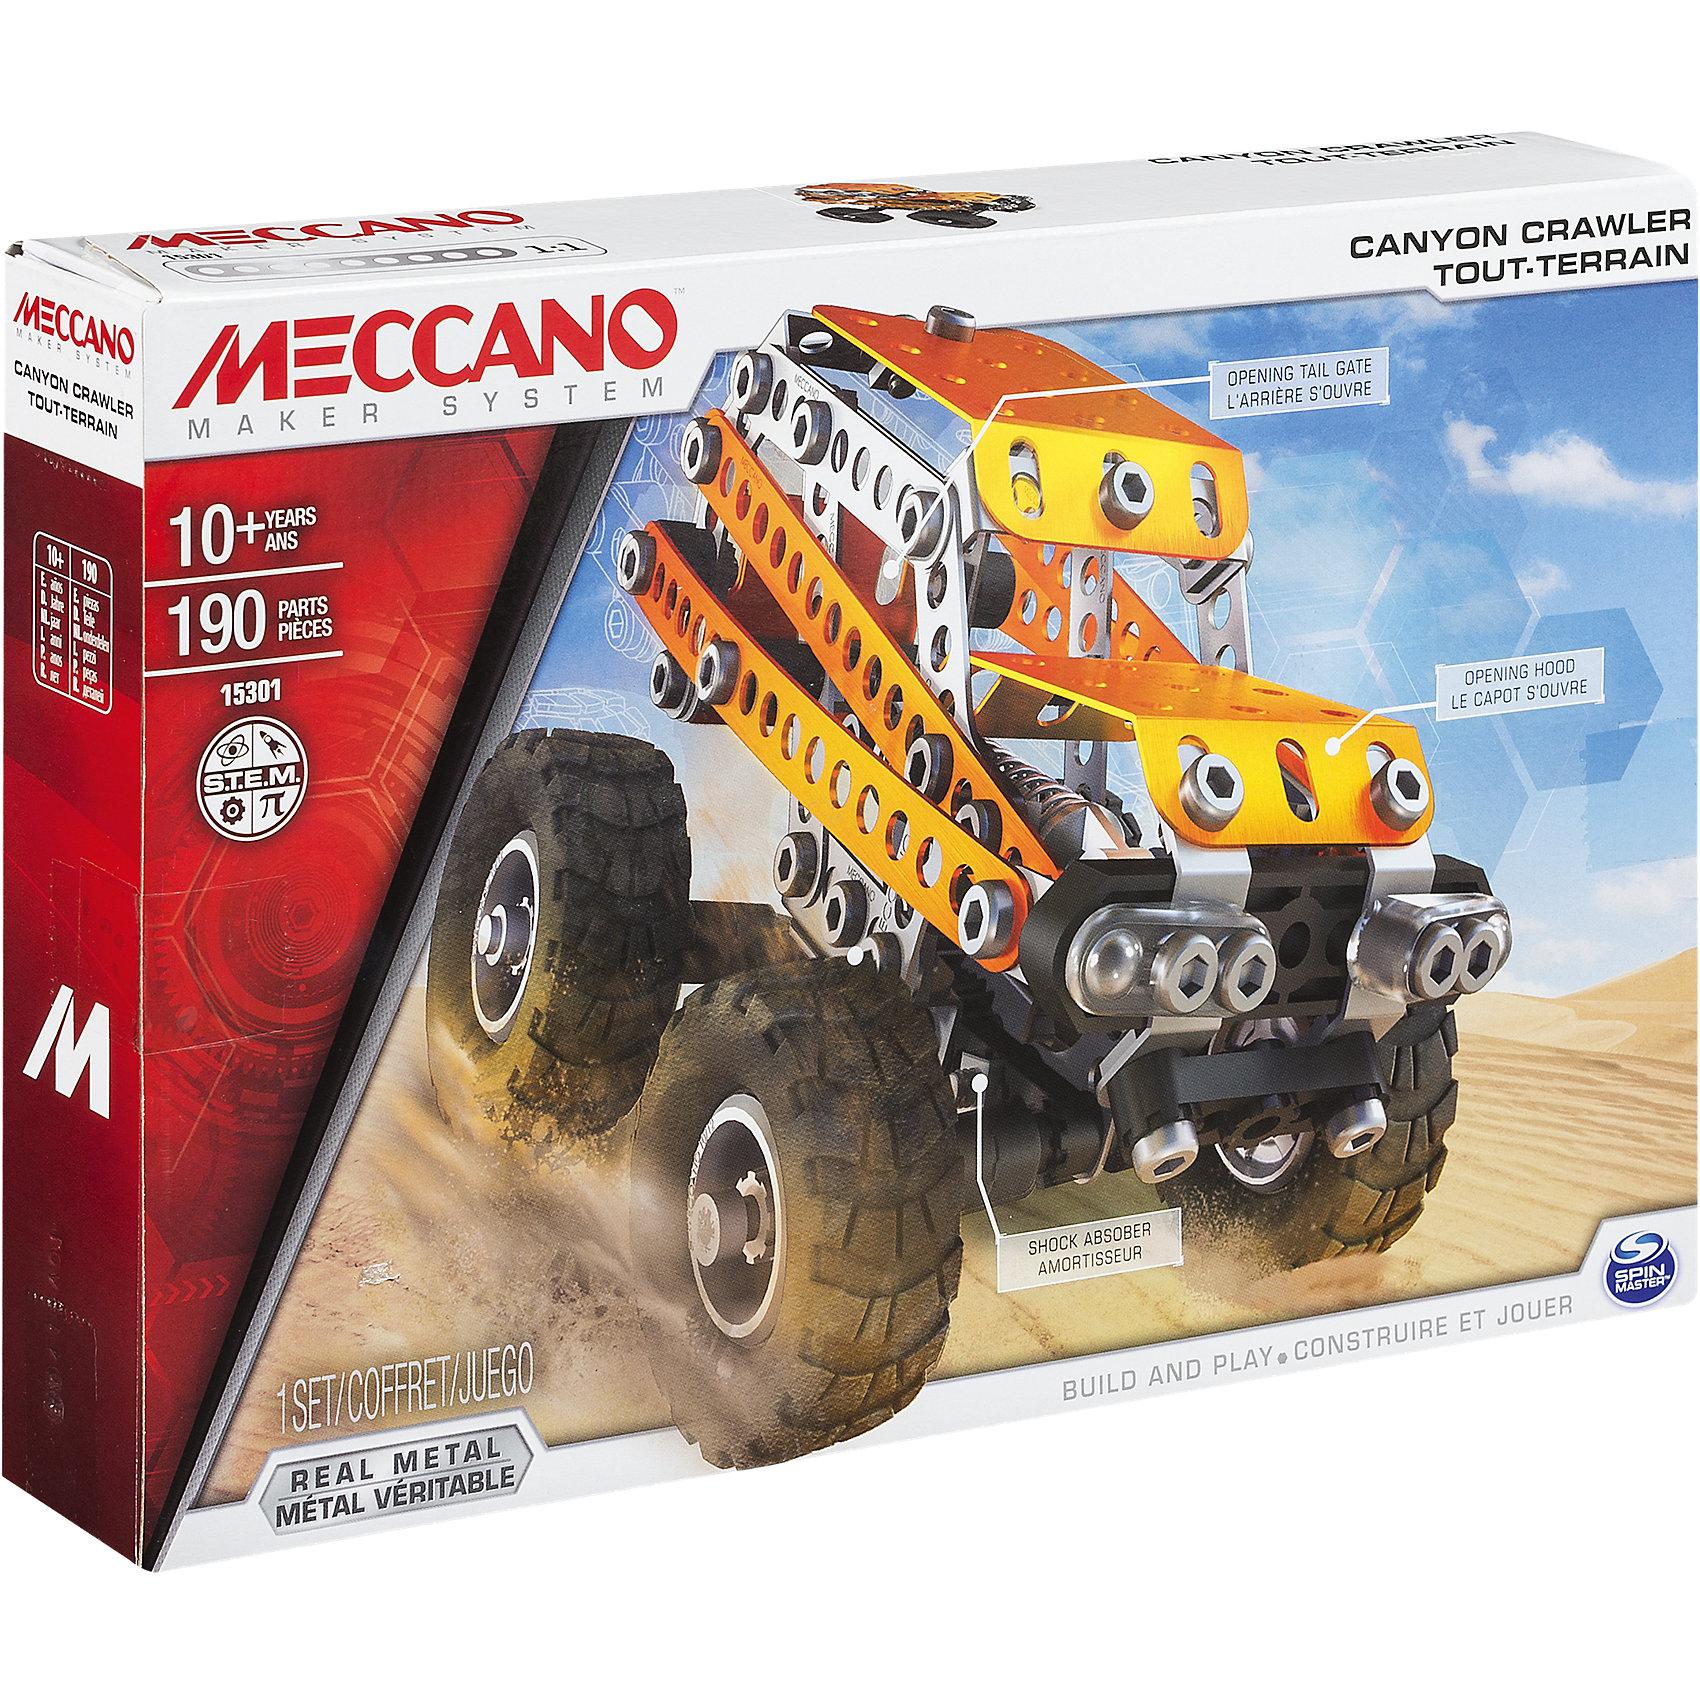 Внедорожник (2 модели), MeccanoМеталлические конструкторы<br>Замечательный набор конструктора Внедорожник (2 модели), Meccano (Меккано), несомненно, порадует поклонников классических конструкторов, собираемых с помощью винтиков и шайбочек! Базовая модель этого набора – джип-внедорожник с большими колесами, который перестраивается в грузовик. Основные детали представляют собой металлические пластины с отверстиями, которые соединяются при помощи болтов, но также в набор входят подвижные элементы – широкие резиновые колеса и части подвески. <br><br>Характеристики:<br>-Части детально проработаны<br>-Детали отлиты из высококачественного сплава, отсутствуют заусенцы и острые грани<br>-Развивает: навыки инженерного мышления, мелкую моторику, комбинаторные навыки, логику, усидчивость<br>-Работающая подвеска, открывающаяся задняя дверь, откидывающийся верх<br>-Детали обшивки стильного цвета – оранжевый металлик<br><br>Комплектация: 190 деталей, инструменты (отвертка, гаечный ключ), схема сборки<br><br>Дополнительная информация:<br>-Количество деталей: 190<br>-Вес в упаковке: 2,1 кг<br>-Размеры в упаковке: 18х25х5 см<br>-Материалы: пластик, металл, резина <br>-Размер основной модели: 12х9х9 см<br><br>Яркий металлический набор Внедорожник (2 модели), Meccano (Меккано) – отличный подарок для школьника, который любит проектирование, строительство и различные механизмы!<br><br>Внедорожник (2 модели), Meccano (Меккано) можно купить в нашем магазине.<br><br>Ширина мм: 300<br>Глубина мм: 205<br>Высота мм: 53<br>Вес г: 455<br>Возраст от месяцев: 120<br>Возраст до месяцев: 180<br>Пол: Мужской<br>Возраст: Детский<br>SKU: 4158559